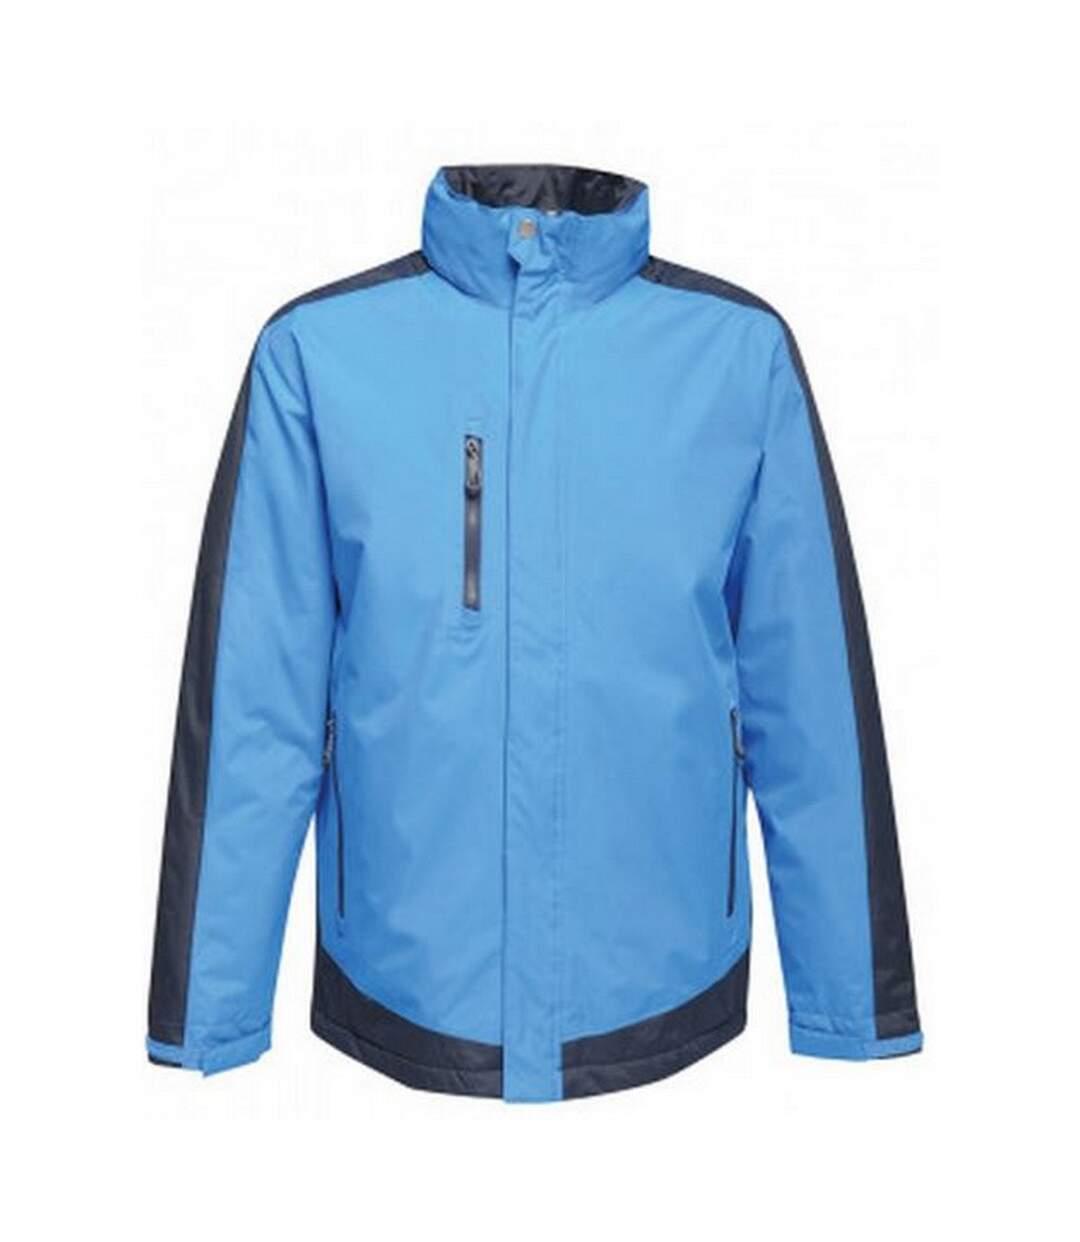 Regatta Mens Contrast Insulated Jacket (New Royal/Navy) - UTPC3315